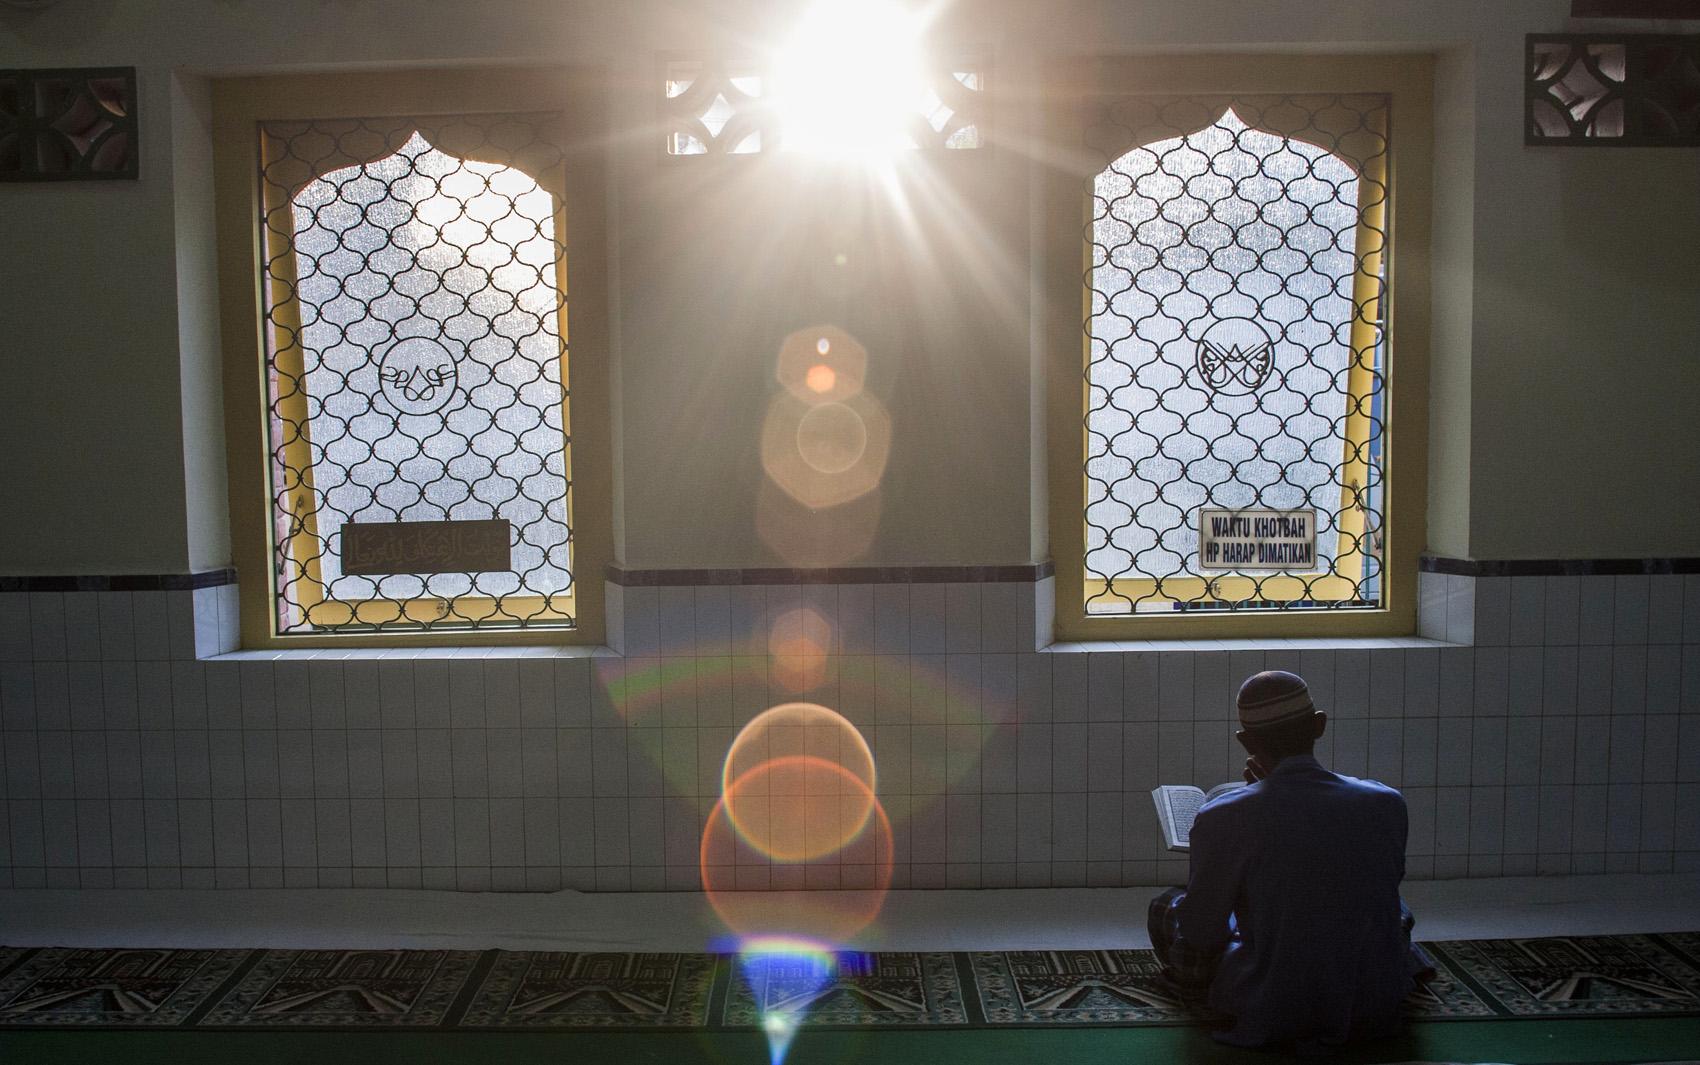 коран в мечети картинка что для всех